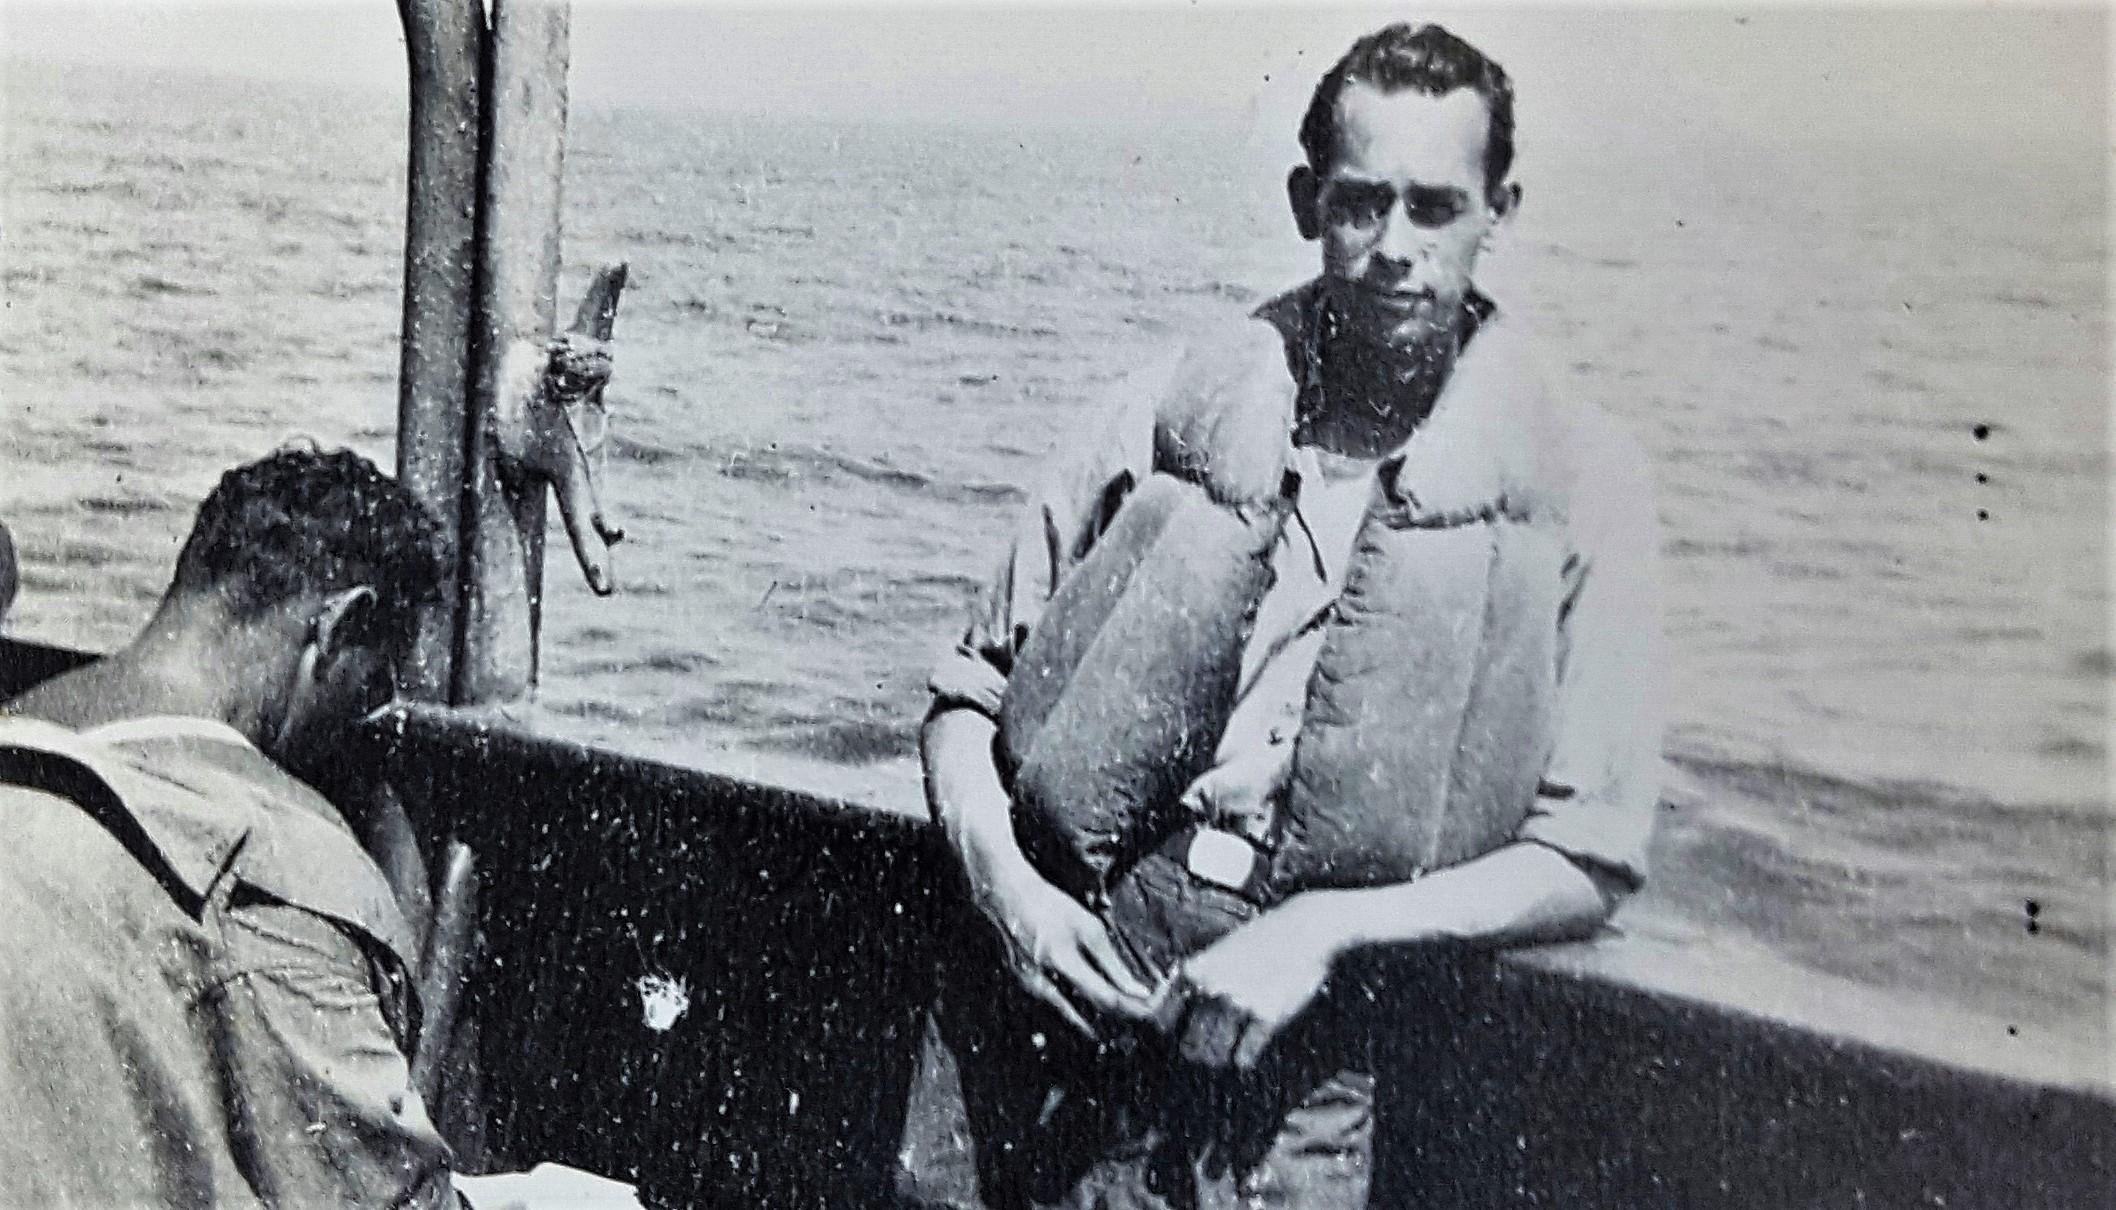 Histoire d'Outre-mer : Un Tahitien au cœur de la bataille d'Angleterre